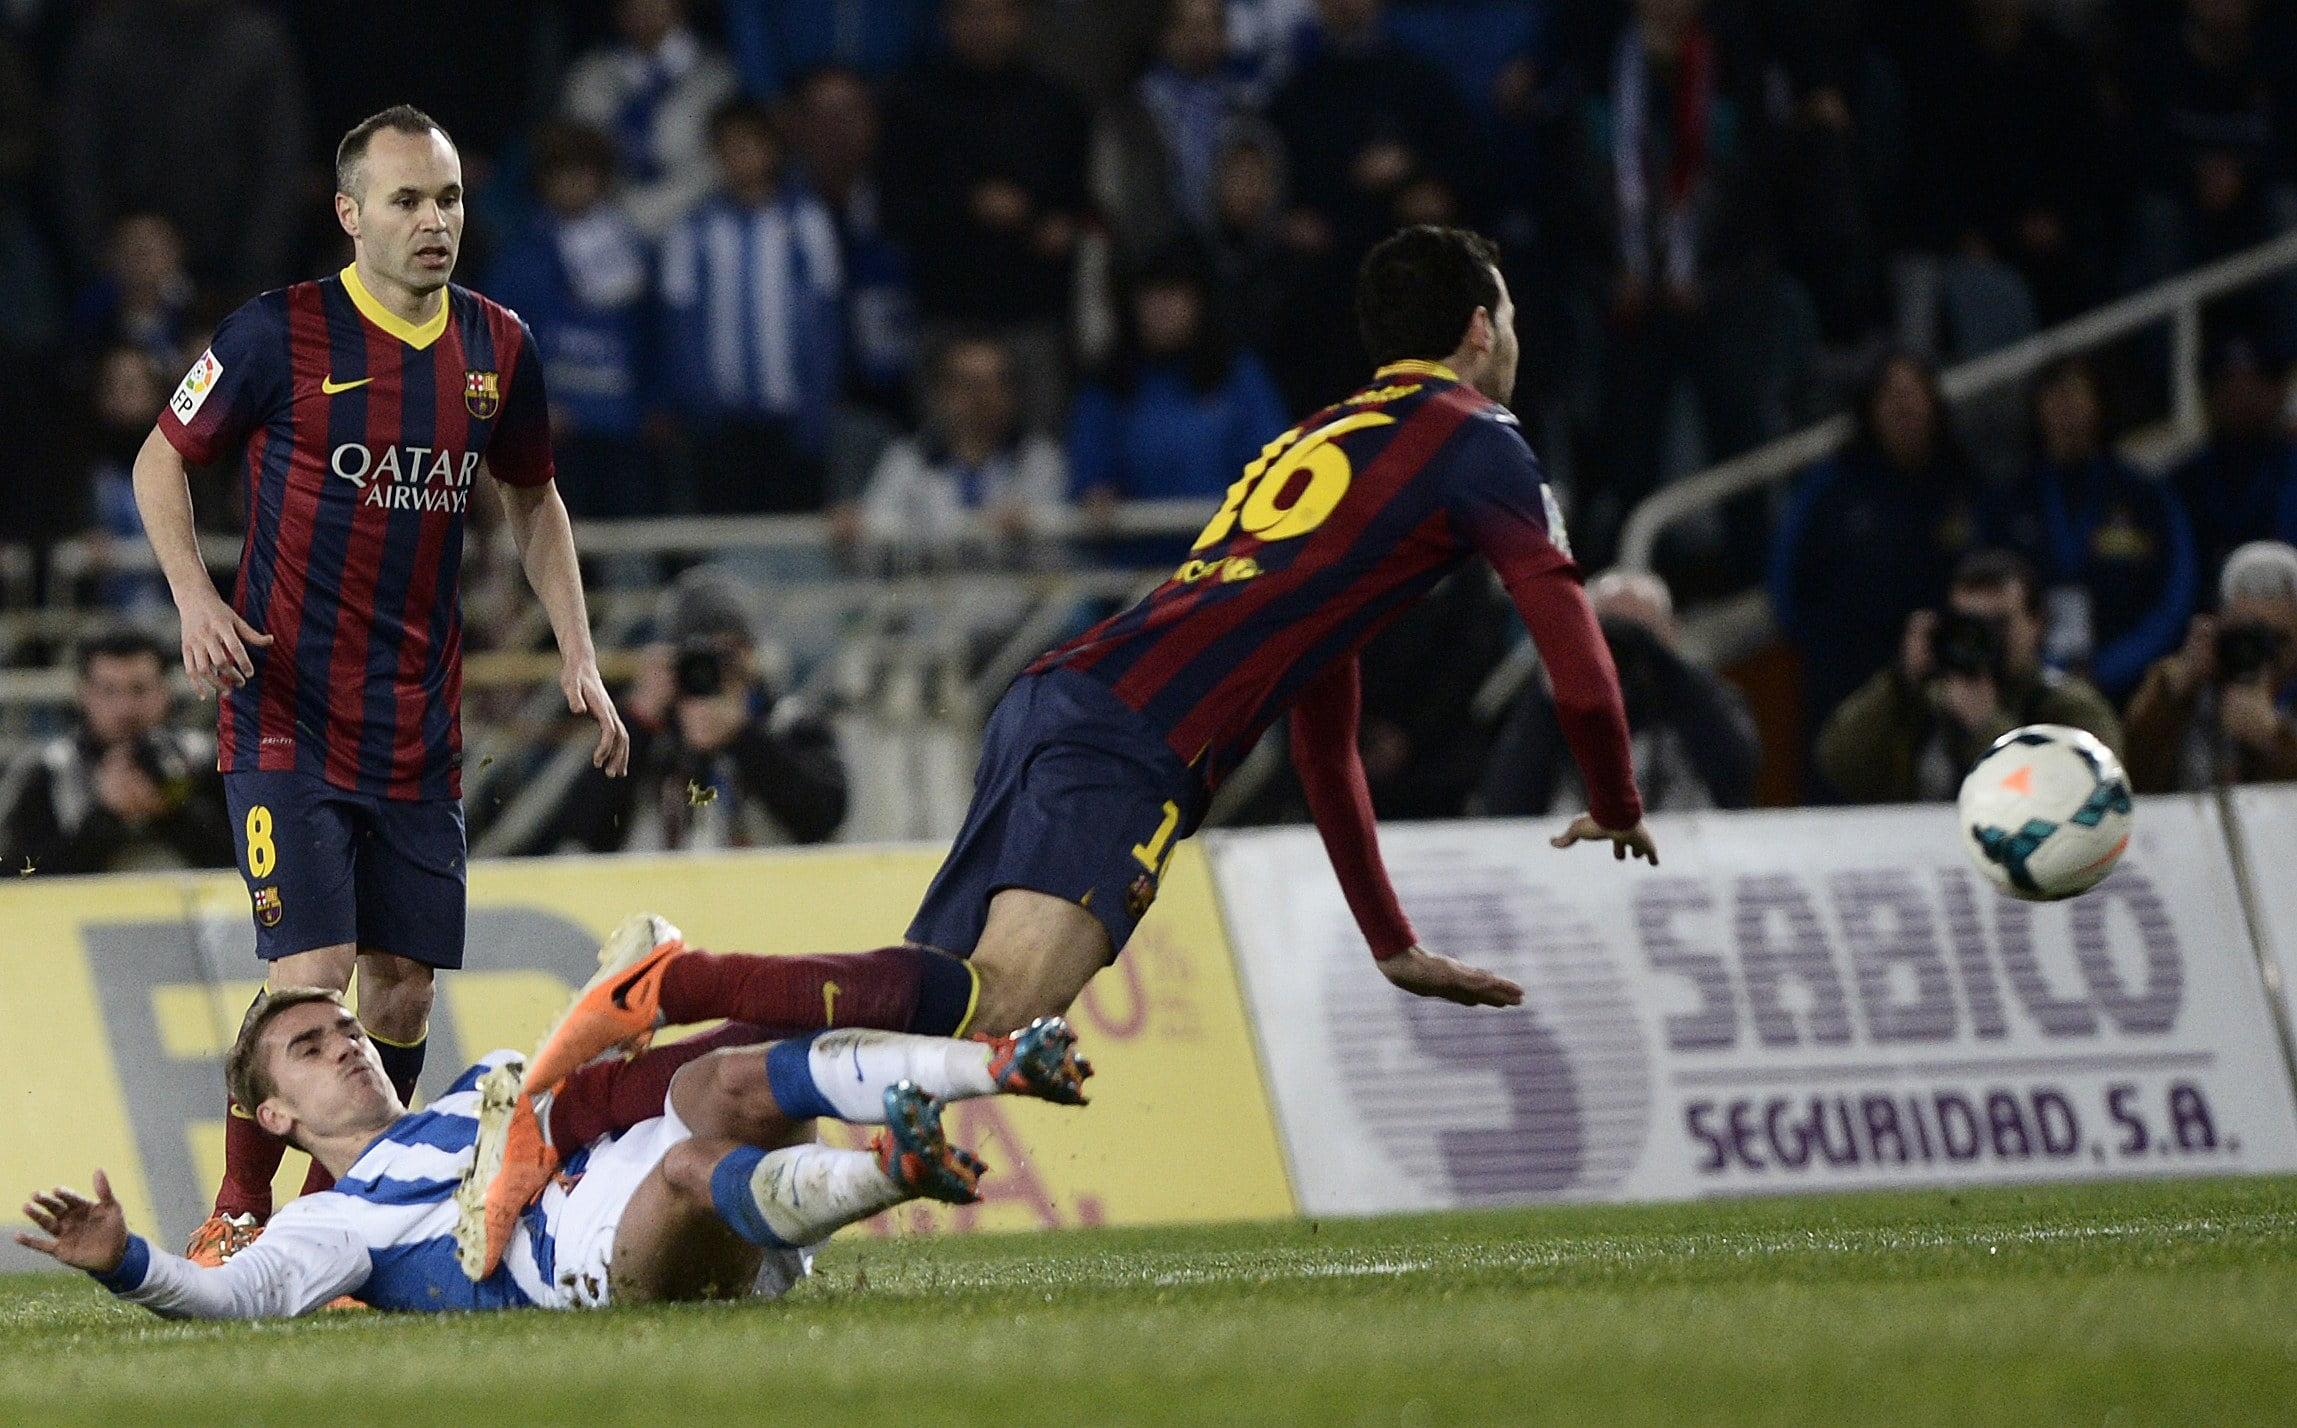 زانيتي يشيد في قدرات قائد برشلونة